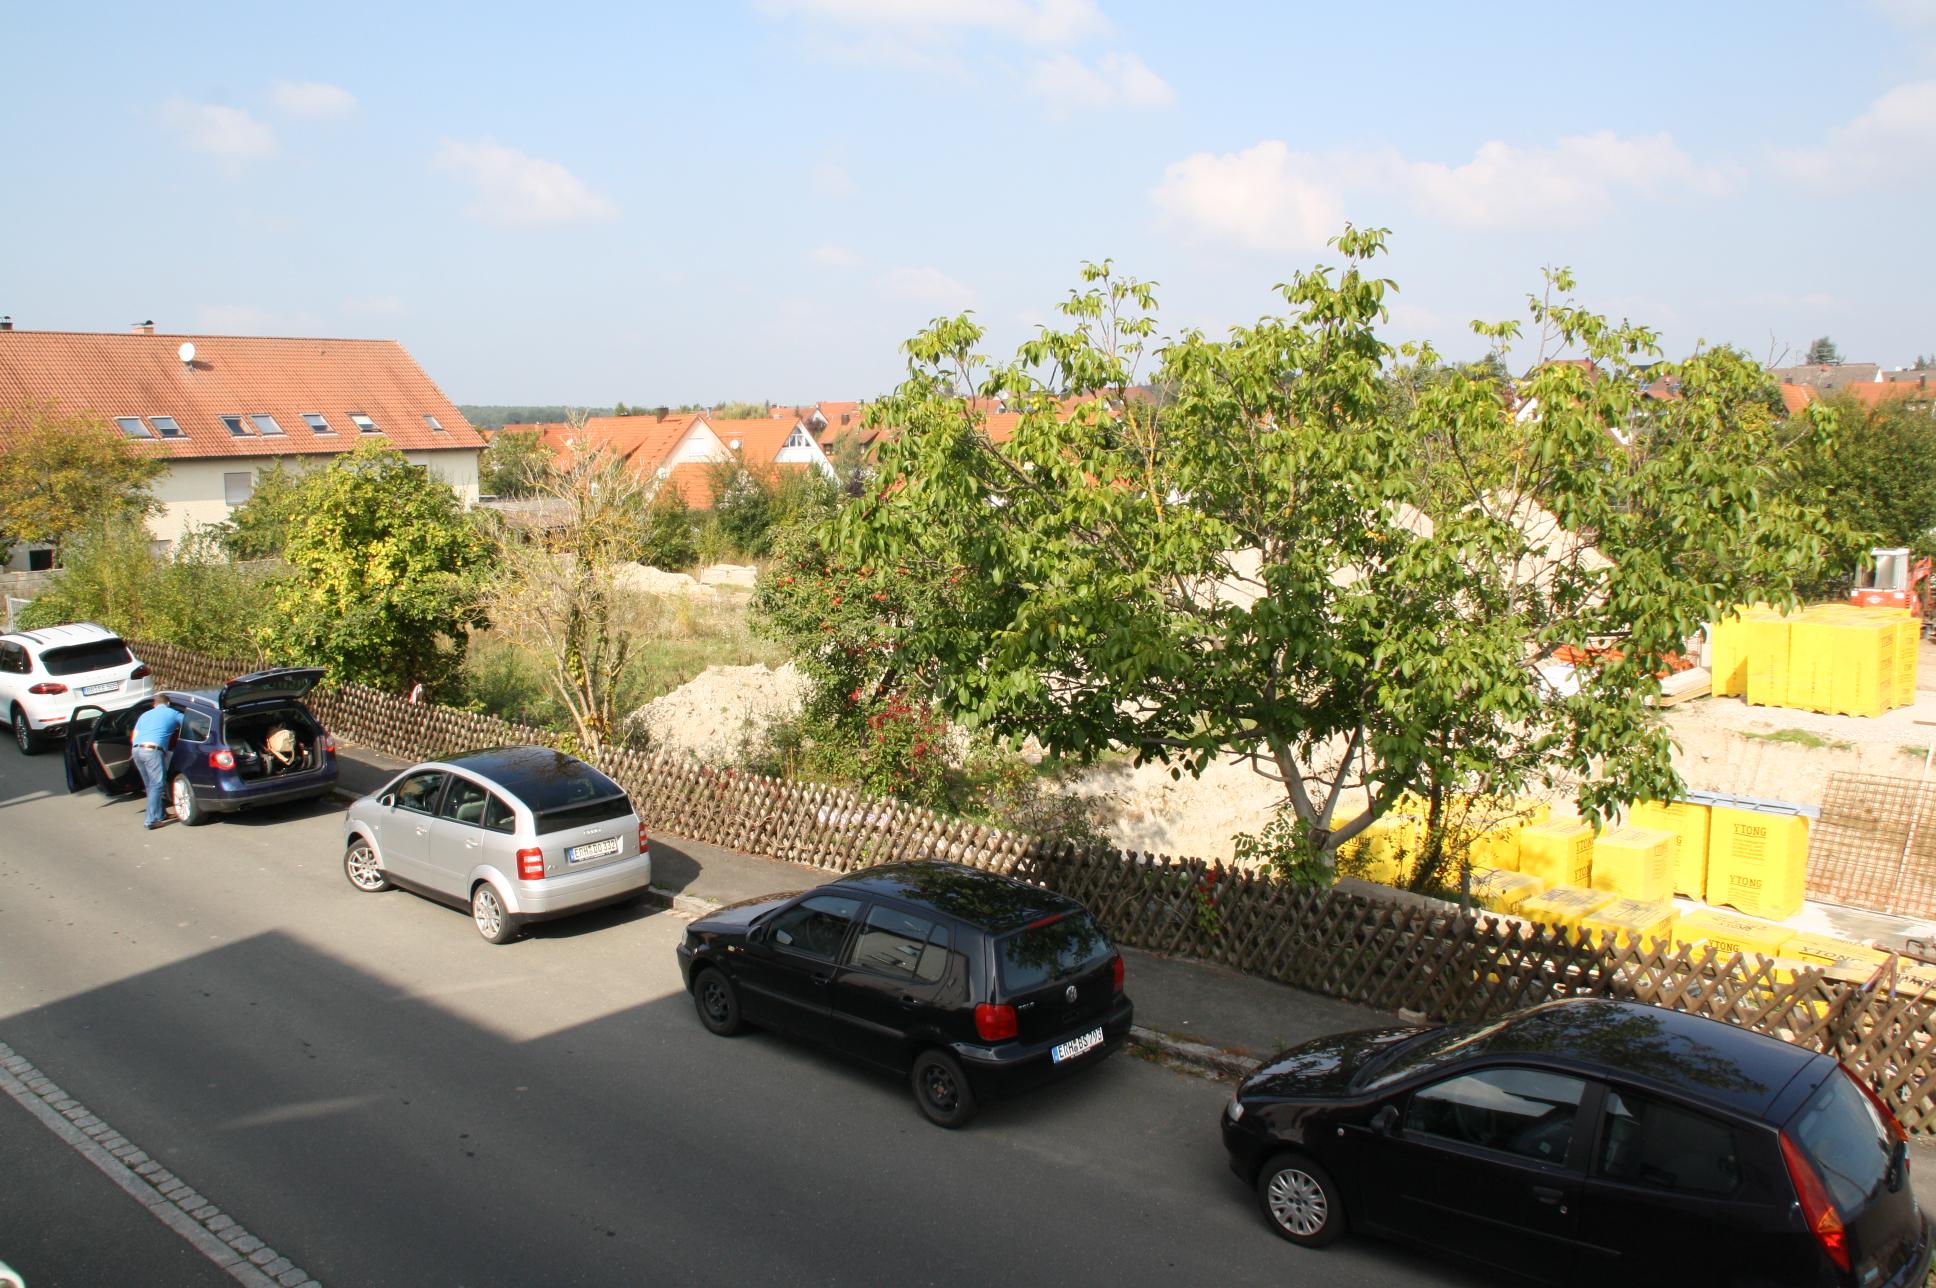 Links vorne das Areal, wo ein Doppelhaus mit vier Wohnungen und acht Stellplätzen geplant ist. Rechts daneben - dazwischen soll die Zufahrt zum Wohngebiet Marienbader Straße entstehen, ist bereits die Bodenplatte für ein Doppelhaus mit zwei Wohnungen gegossen.